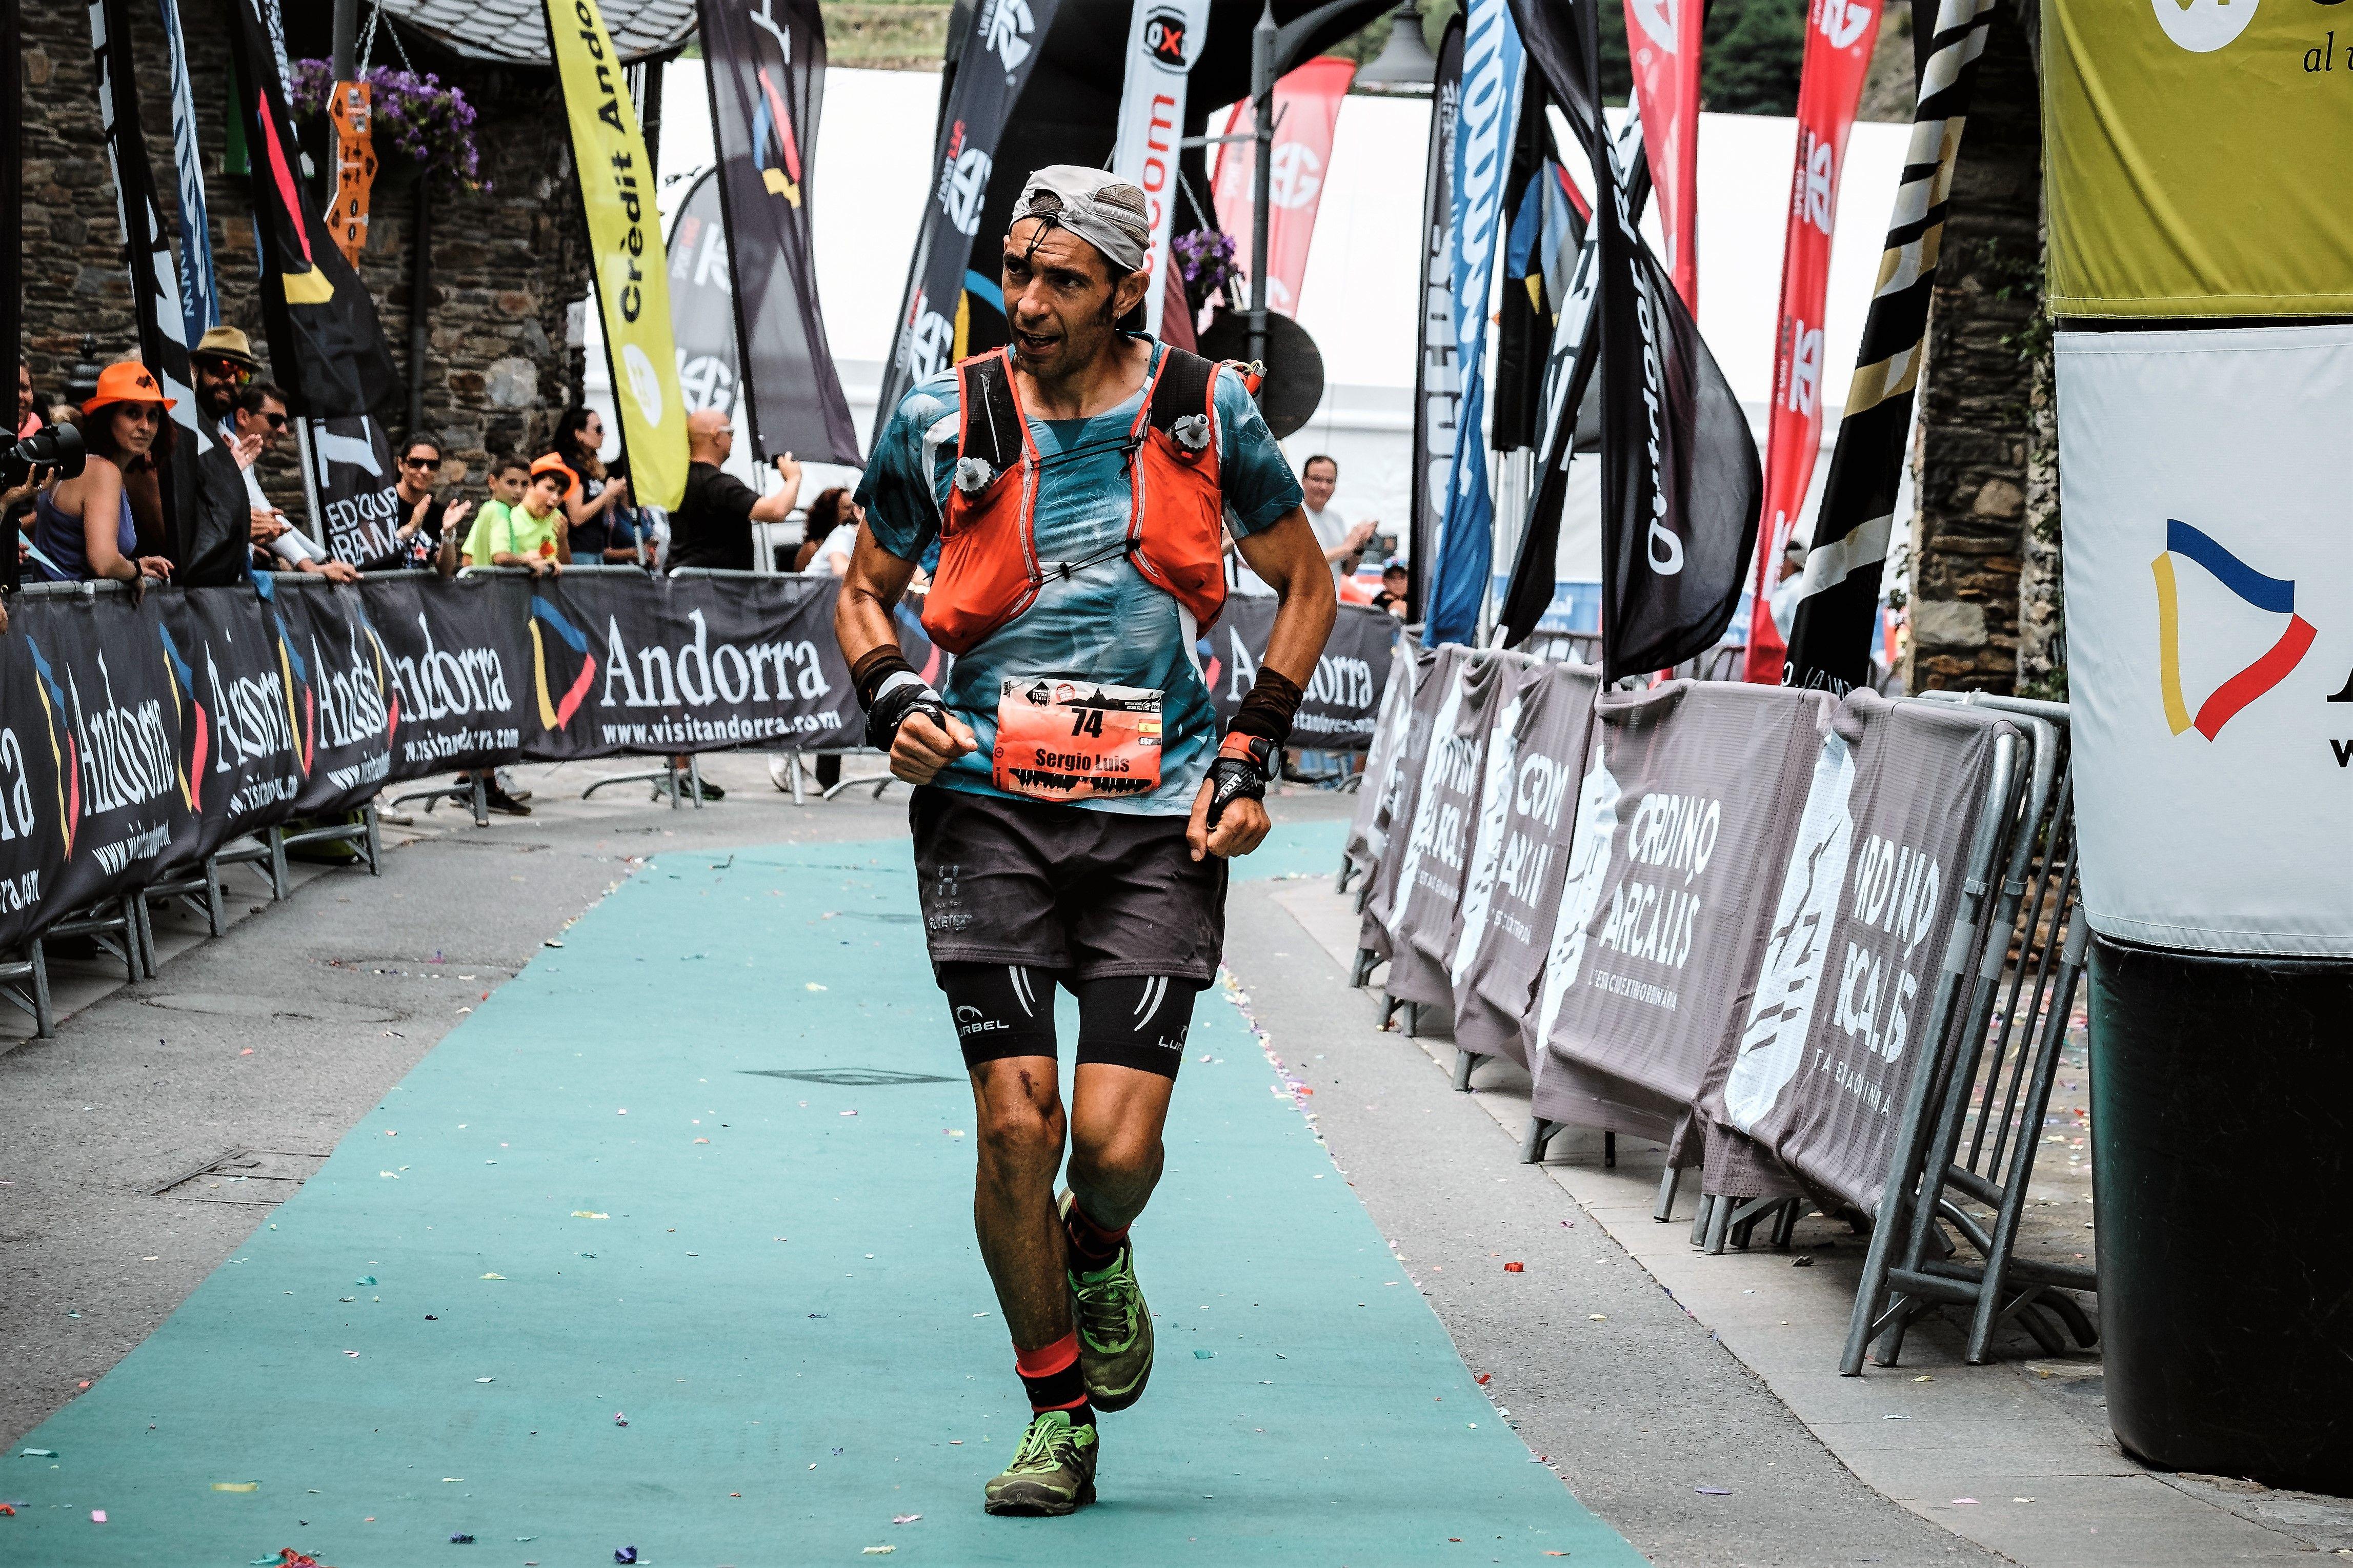 Silvia Trigueros Reventó El Récord Femenino De La Ronda Dels Cims De La Andorra Ultra Trail En Más De Una Hora Andorra Femenina Parejas Mixtas